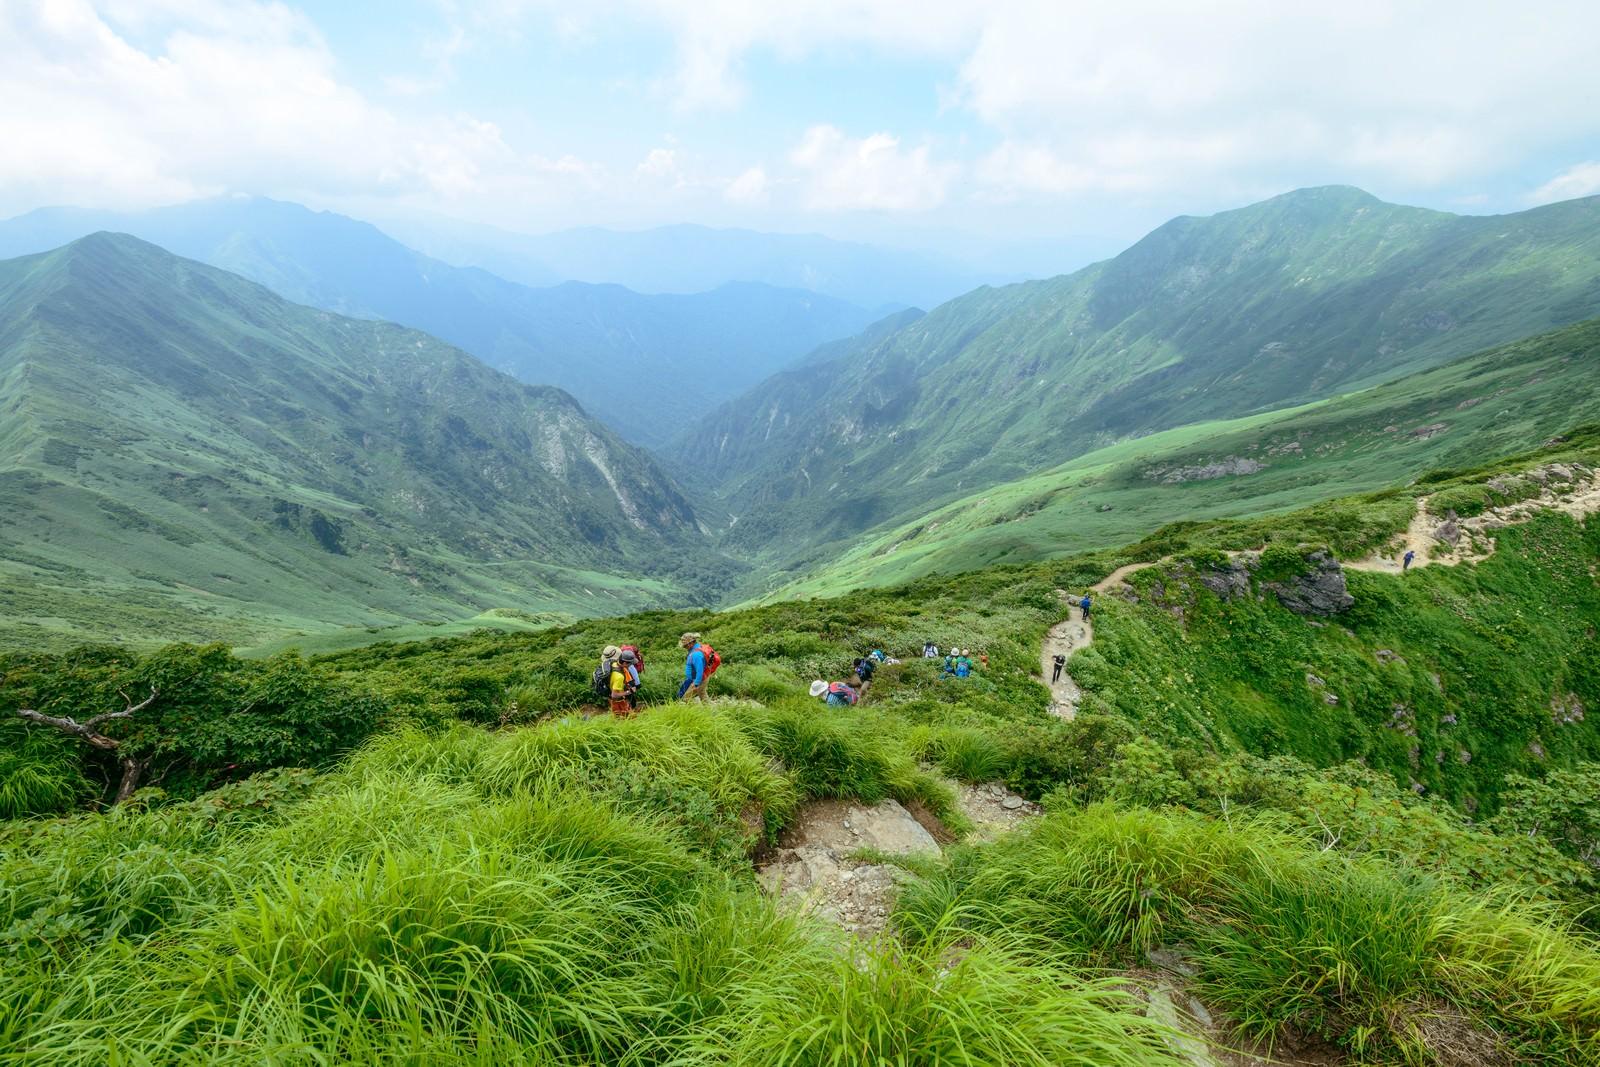 「谷川連峰オキの耳へ続く登山道」の写真